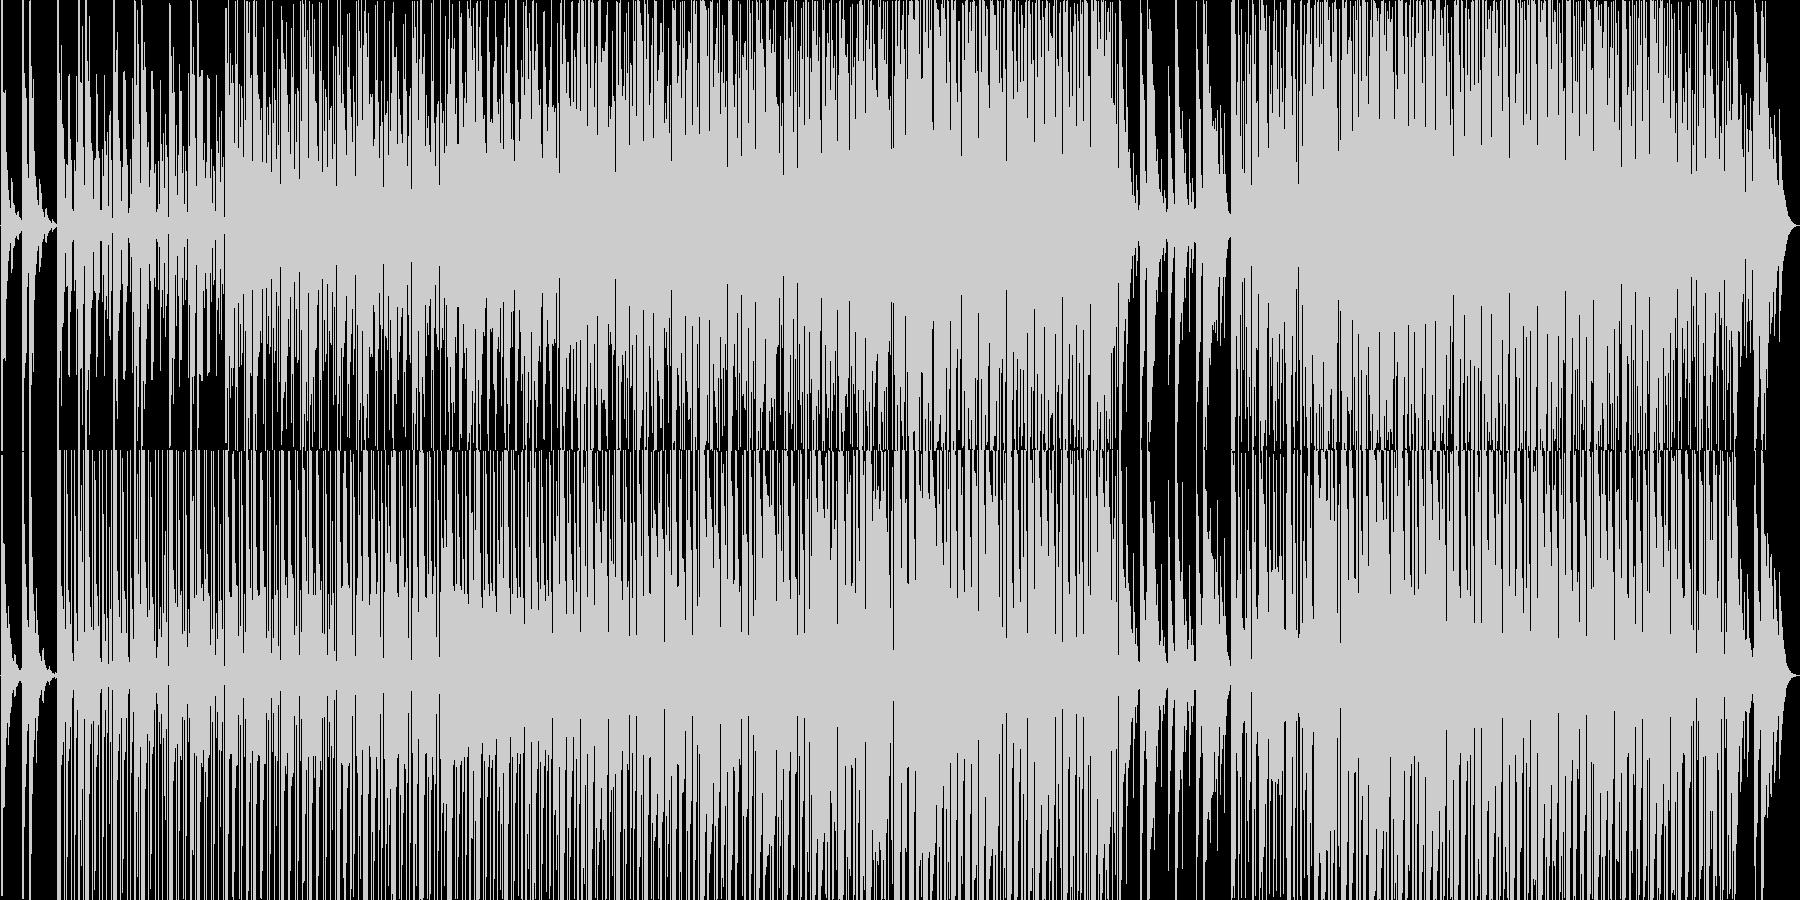 ゆったりやさしいエレクトロニカですの未再生の波形